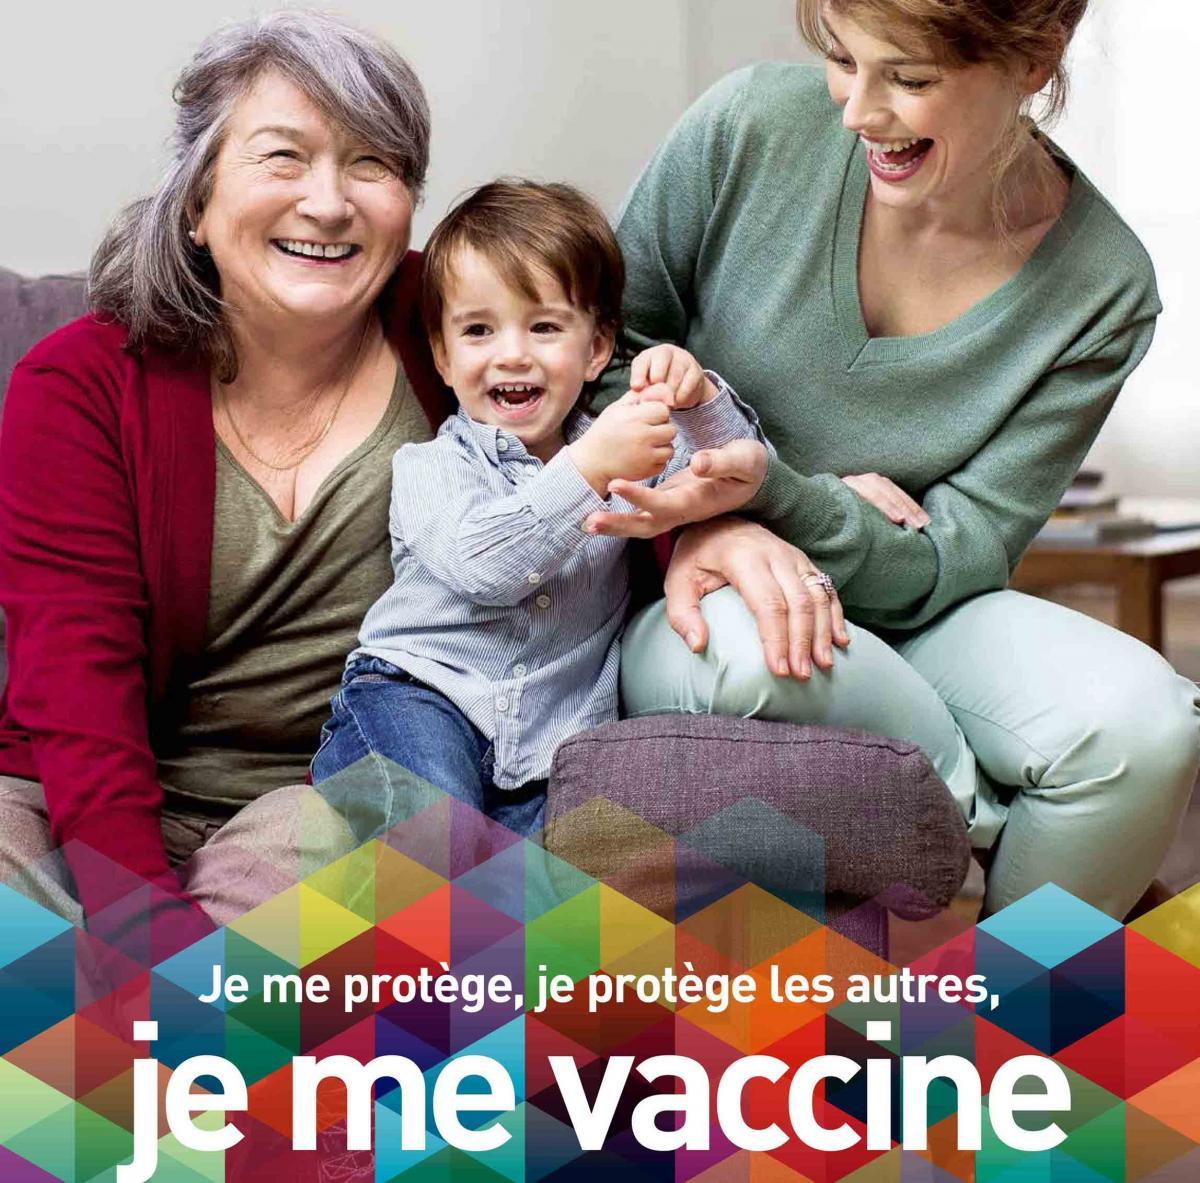 Affiche Vaccination Sante publique France recadrée